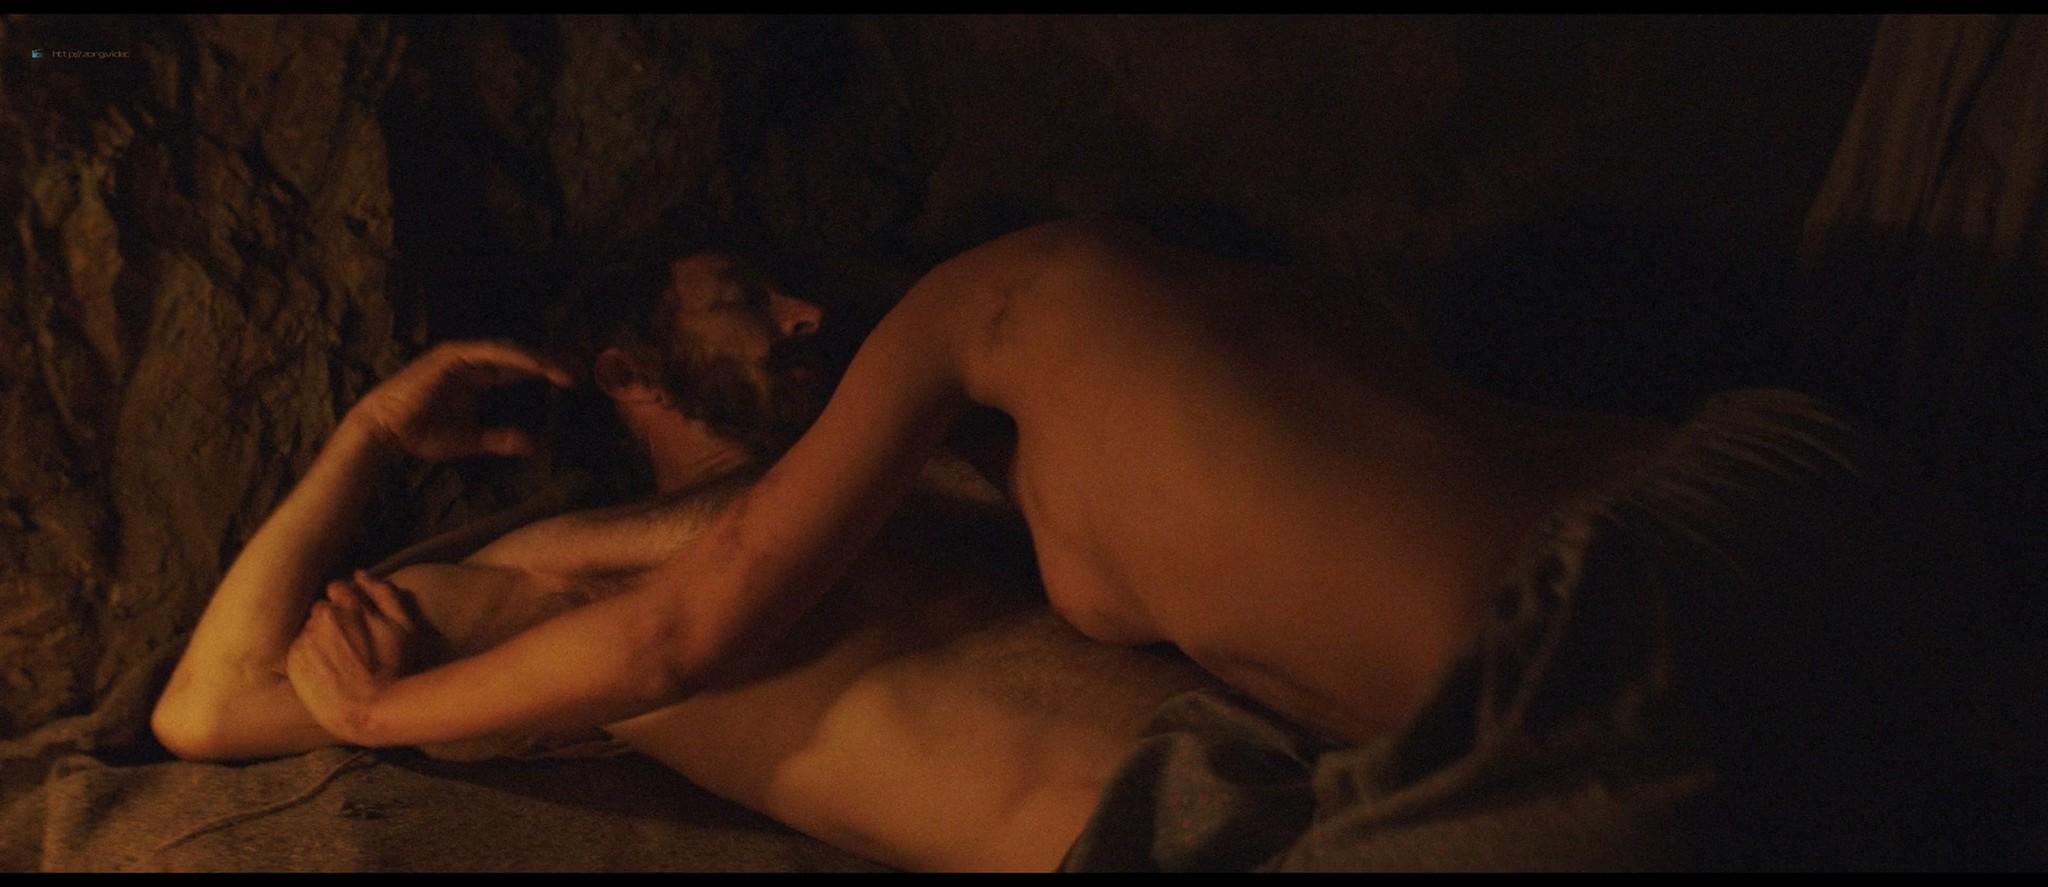 Belén Cuesta nude and sex - La trinchera infinita (ES-2019) HD 1080p Web (11)